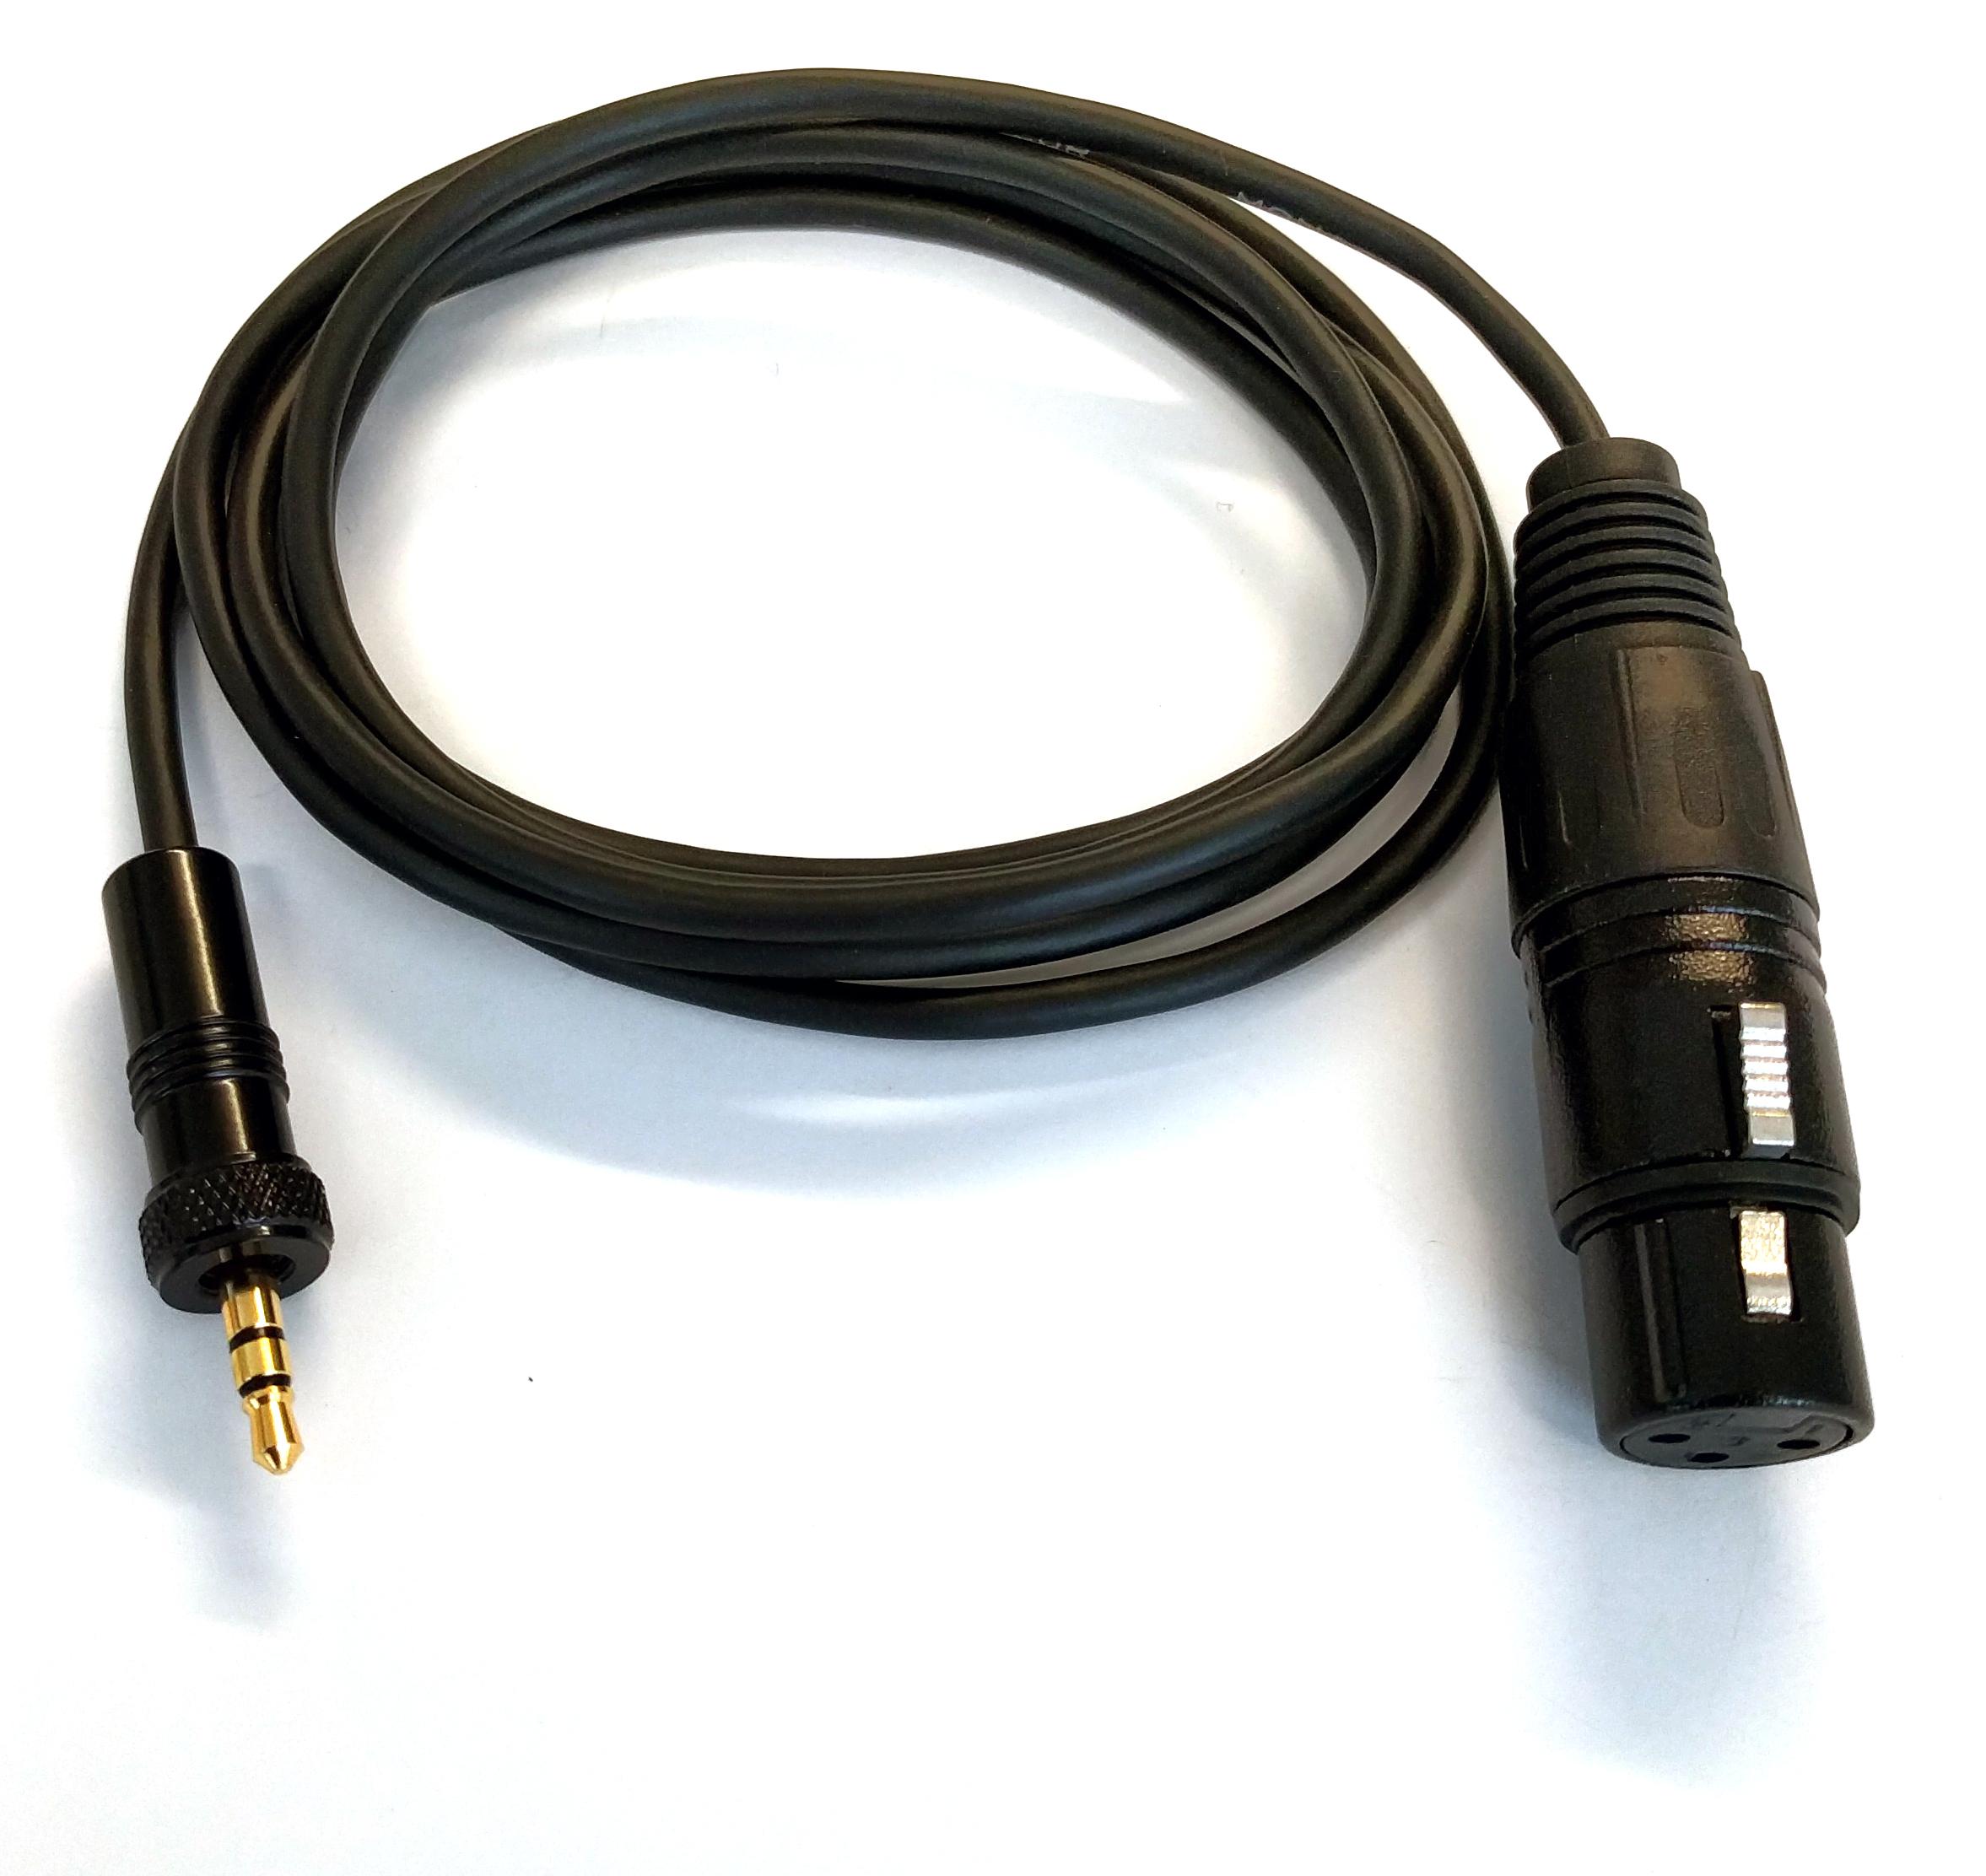 Atemberaubend Live Kabel Mikrofonkabel Fotos - Die Besten ...